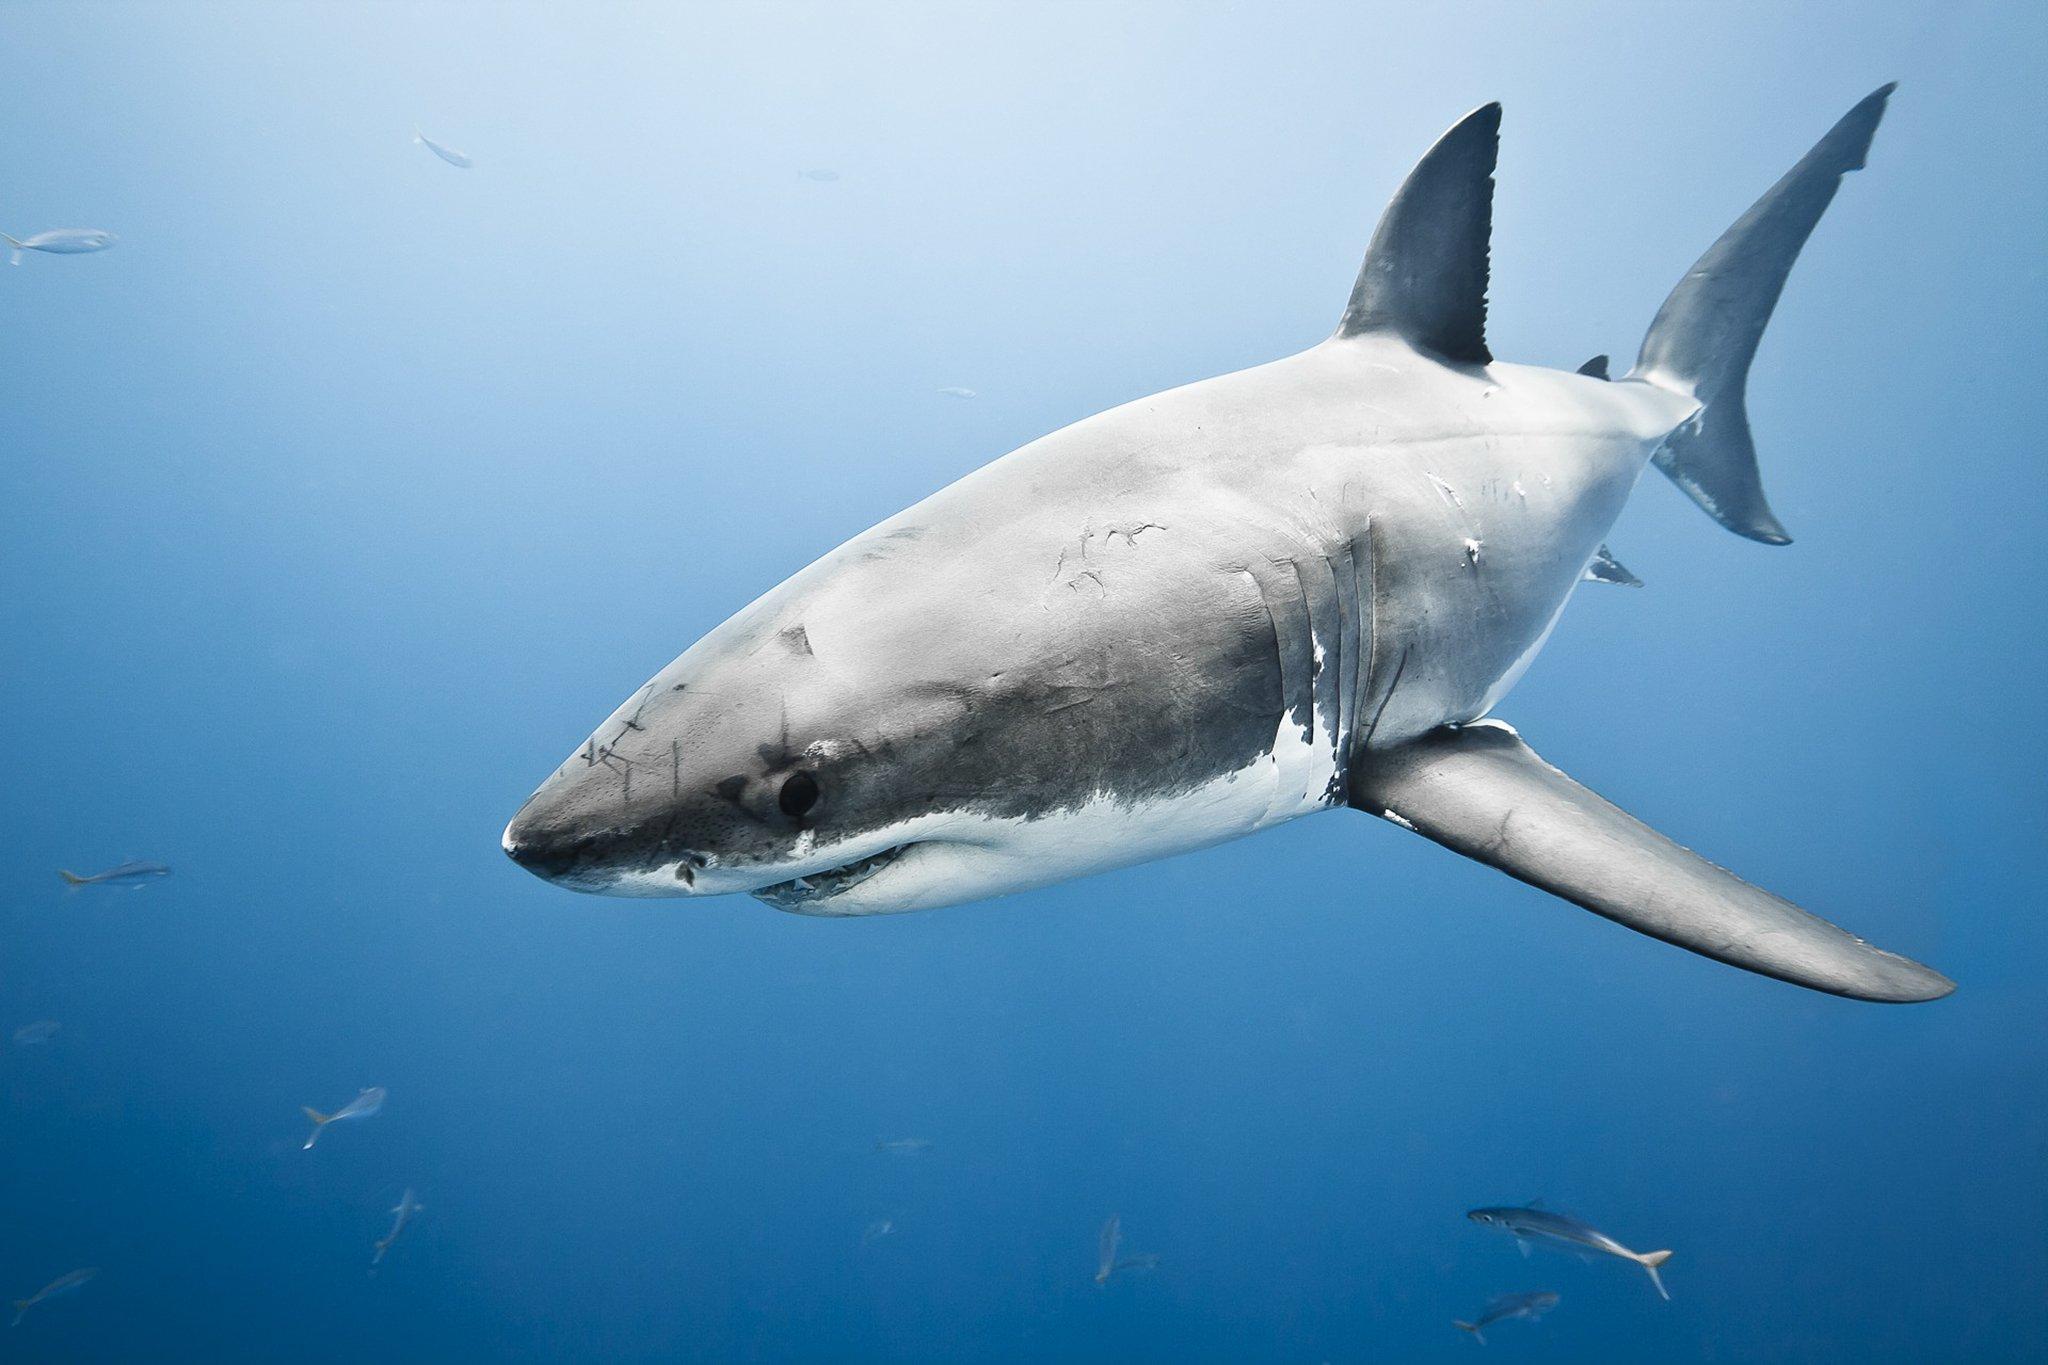 большая беля акула отвратительные мужики мы в полной жопе